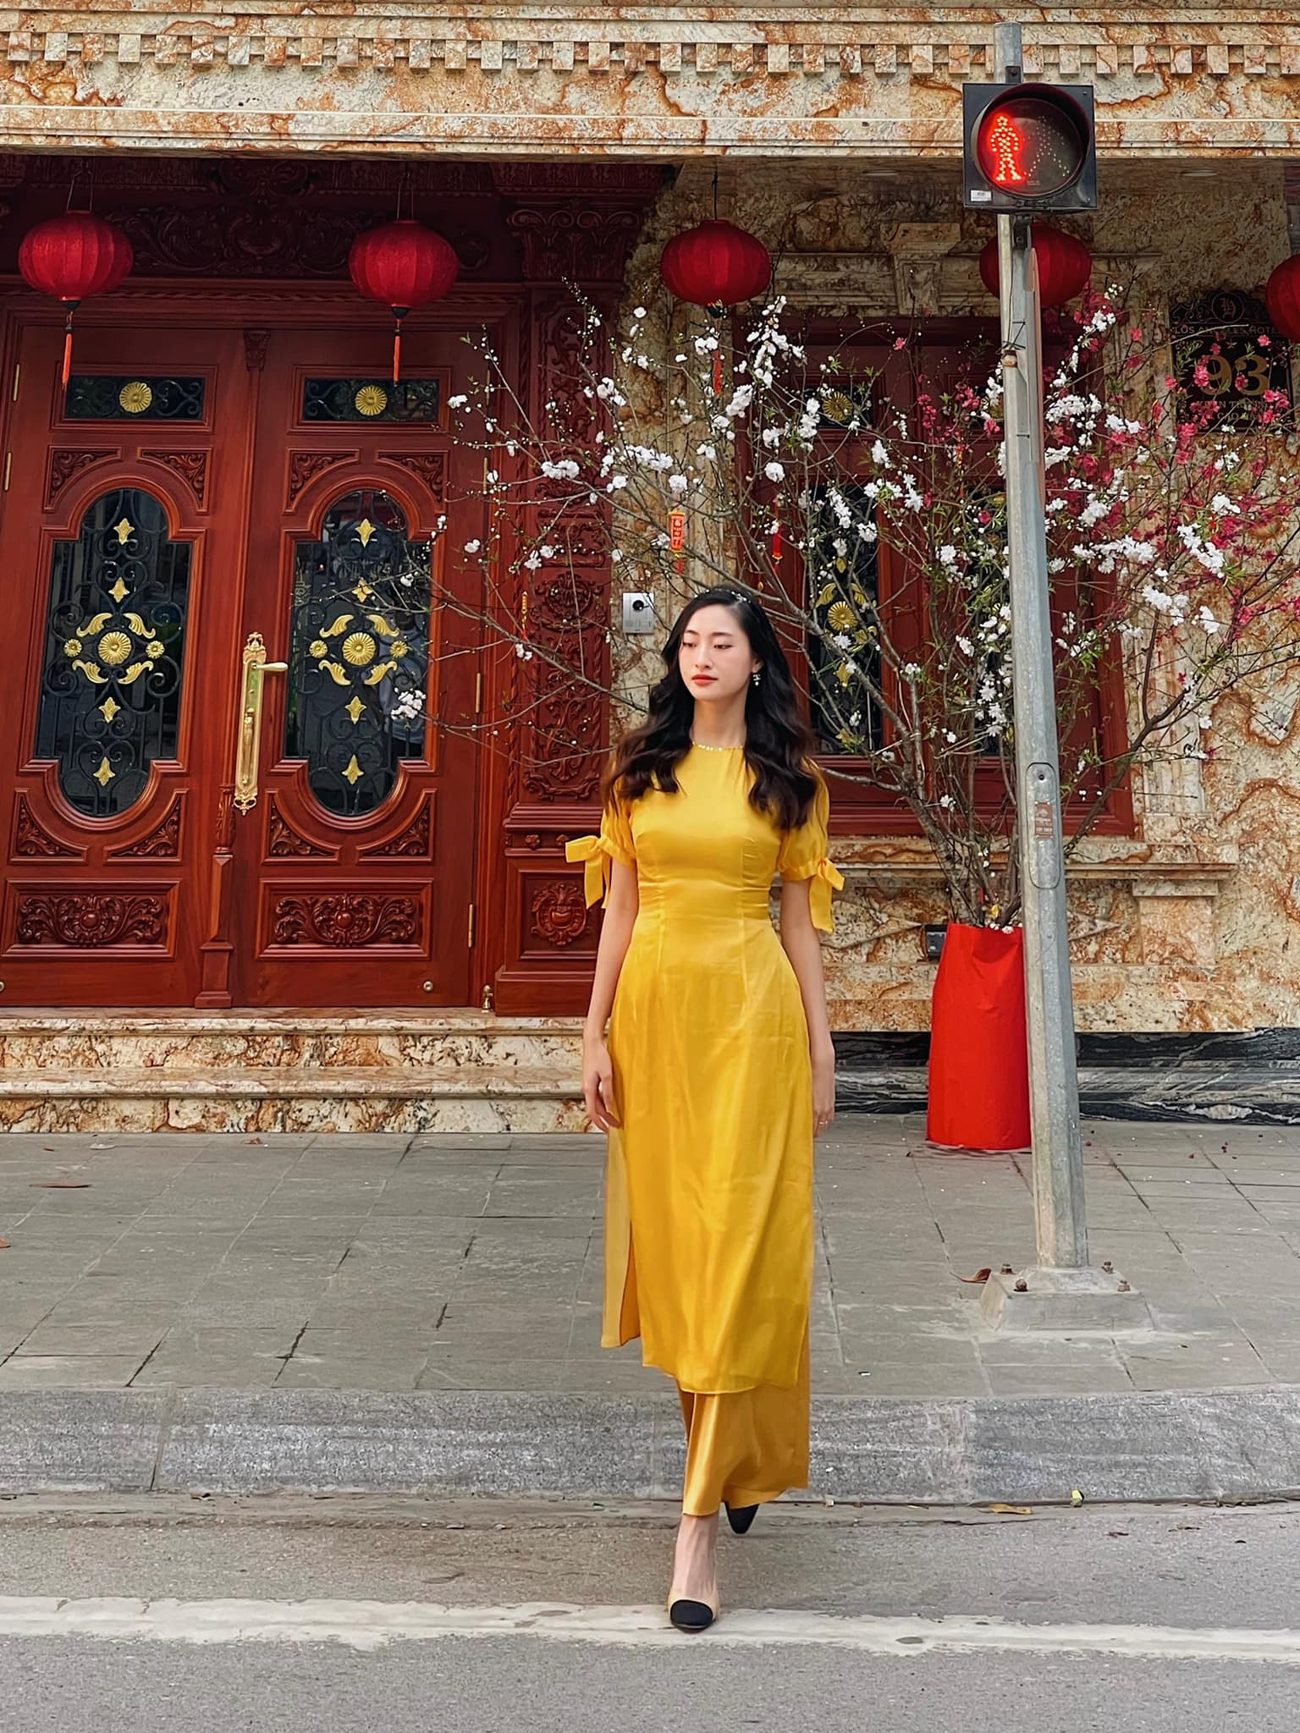 Hoa hậu Tiểu Vy khoe ảnh mẹ diện áo dài ngày mùng 1 Tết, fans trầm trồ vì nhan sắc trẻ đẹp ảnh 13